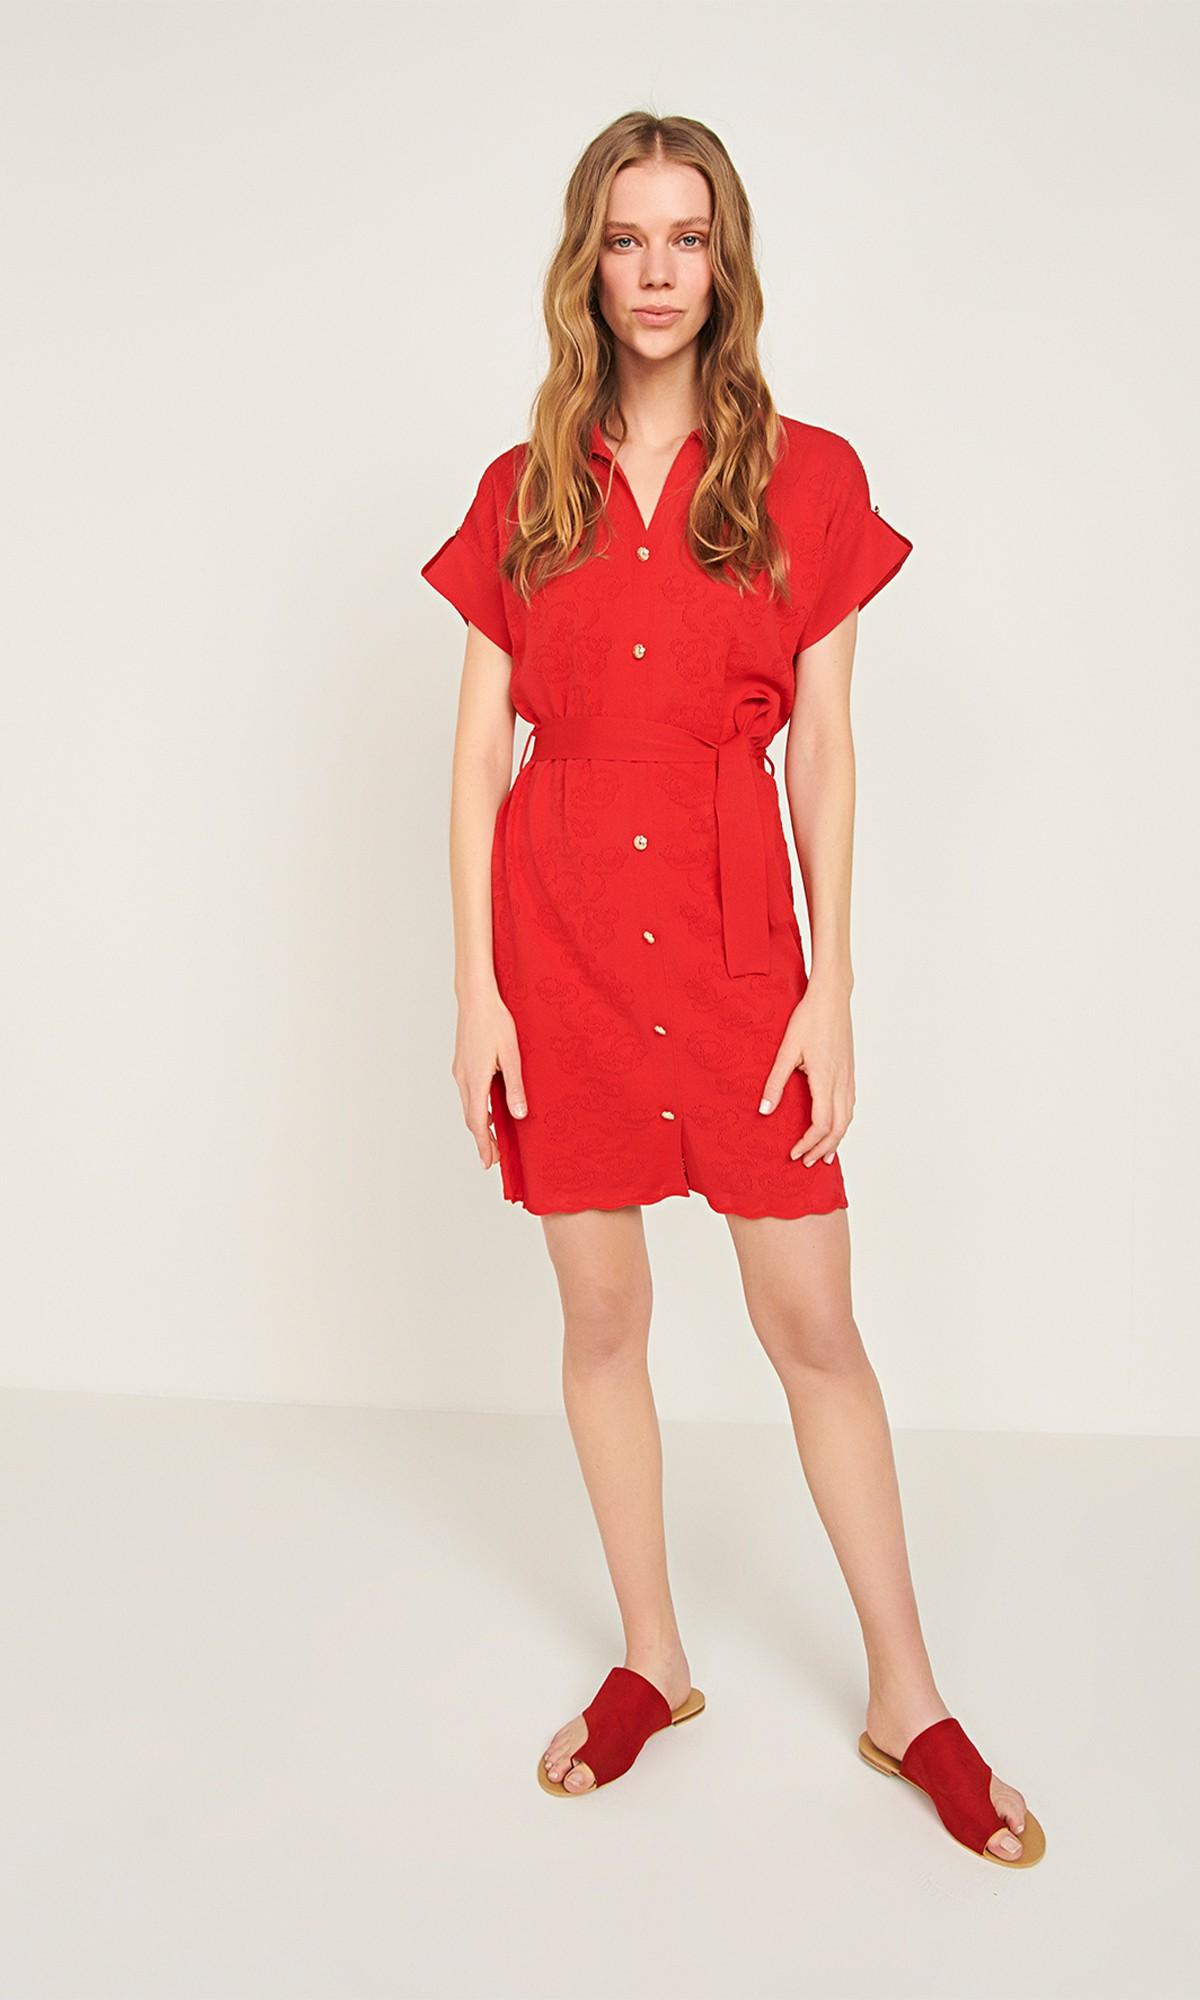 Sukienka dzianinowa wiązana, w kolorze czerwonym